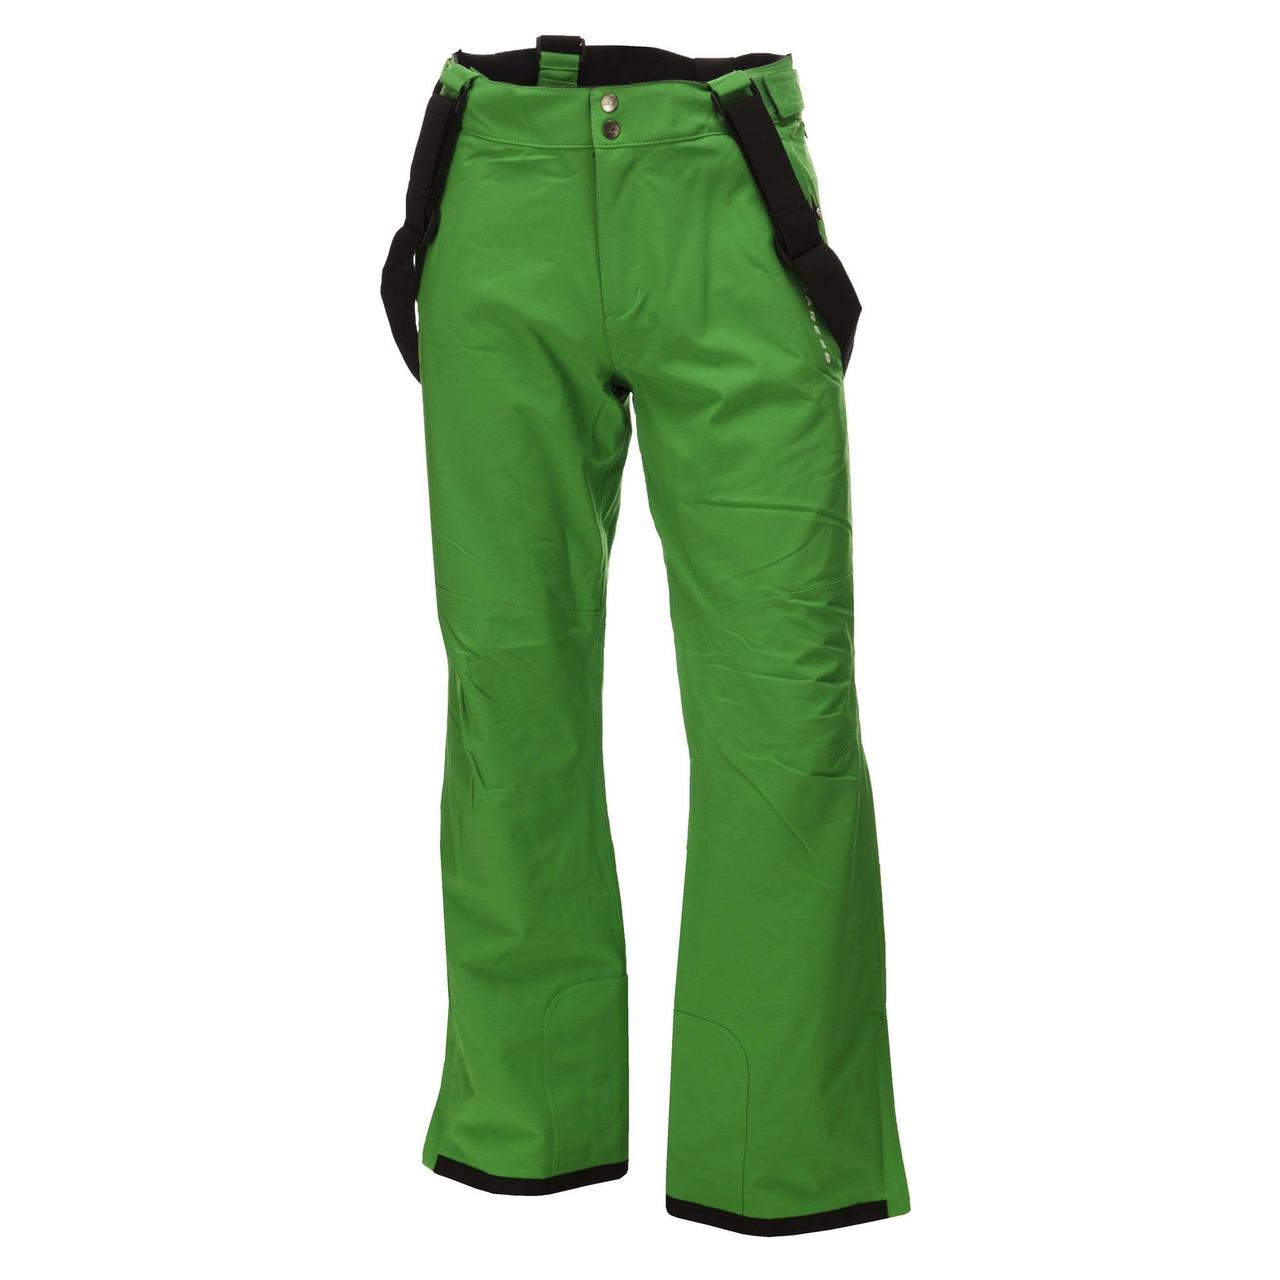 Гірськолижні чоловічі штани Dare 2b XХХL Qualify зелені | великі лижні \ сноубордичні штани